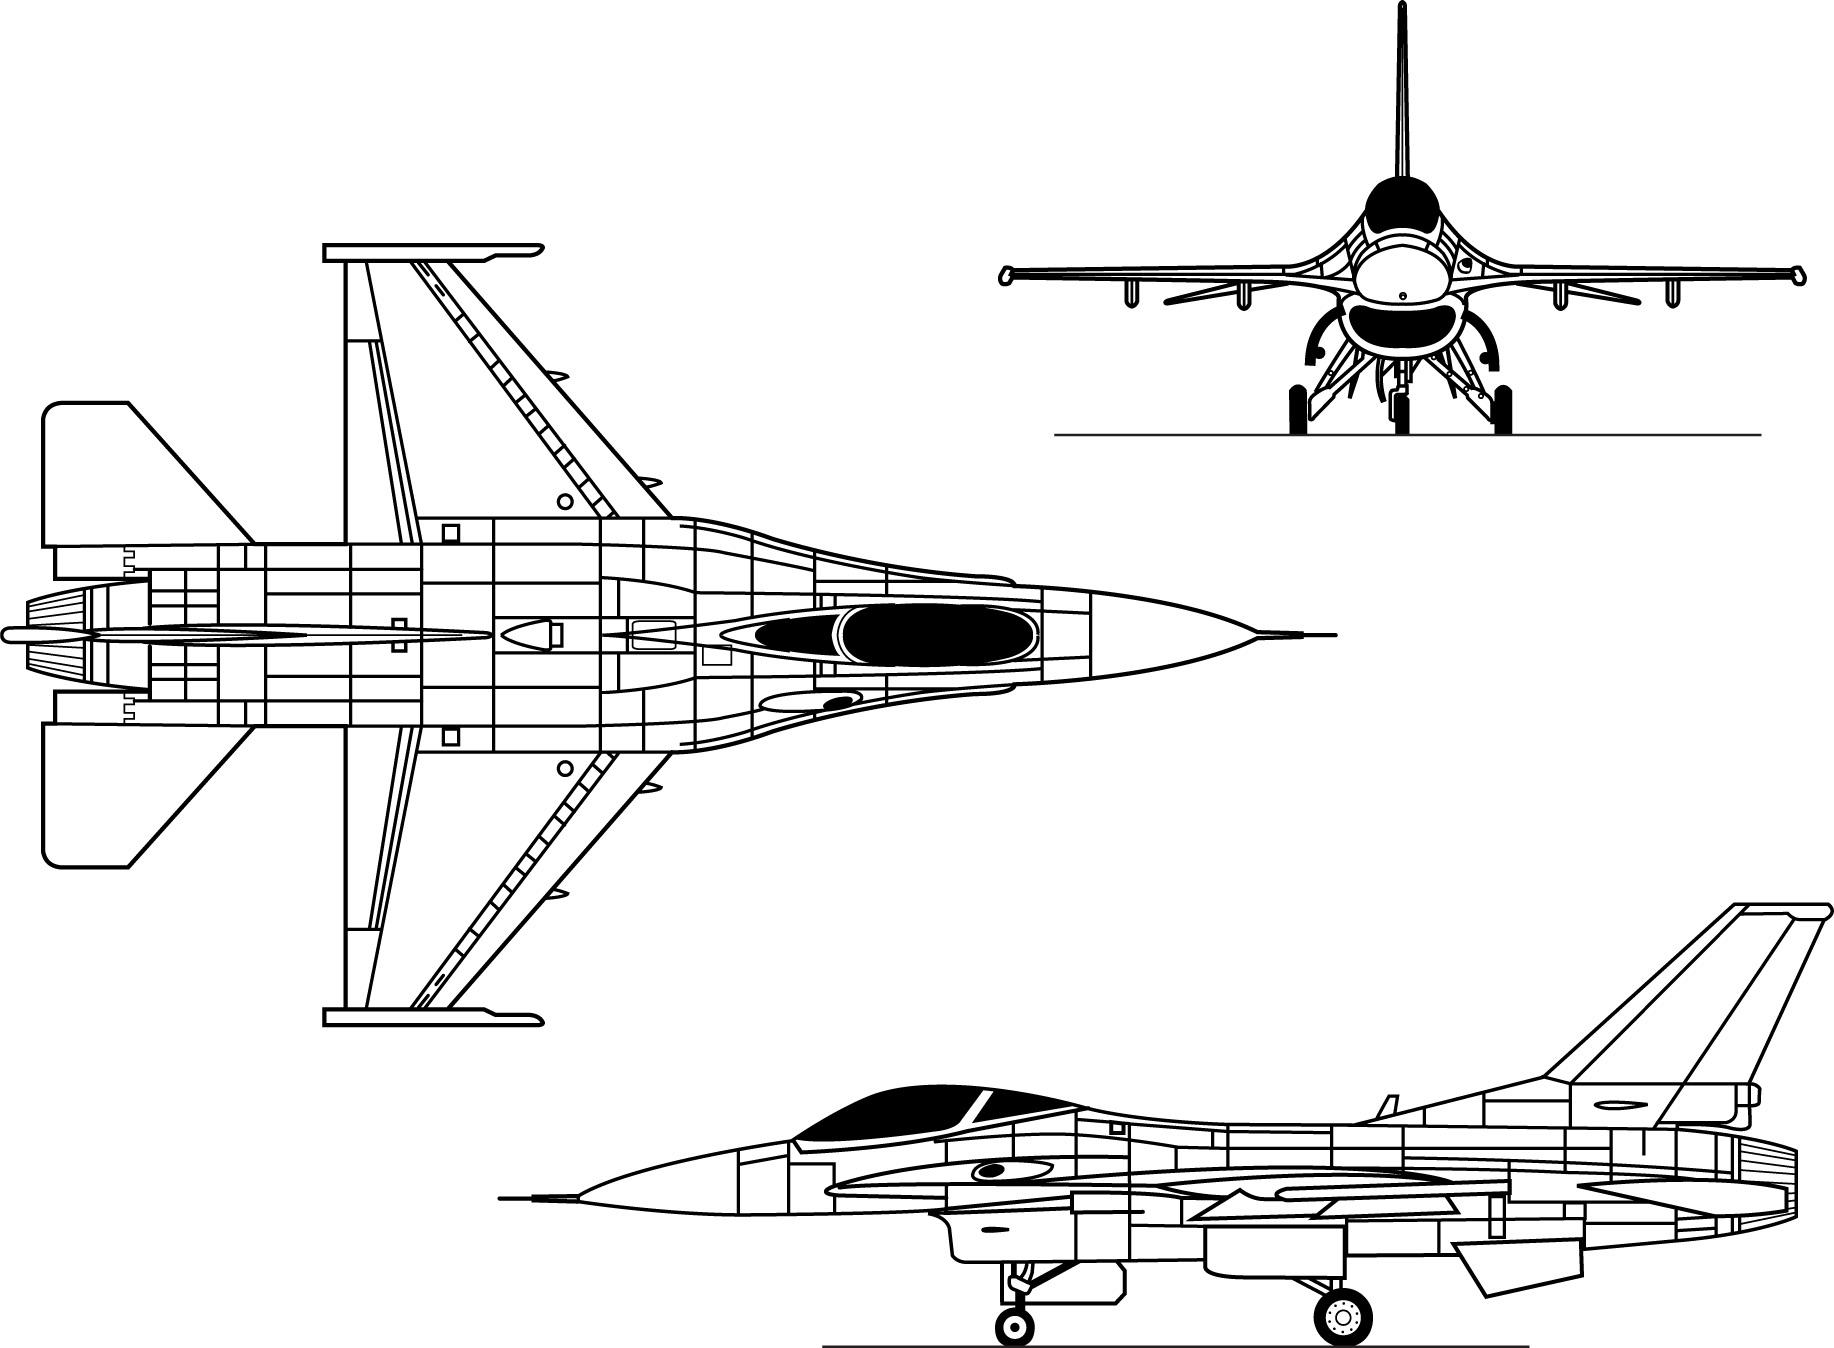 F 16a Fighting Falcon